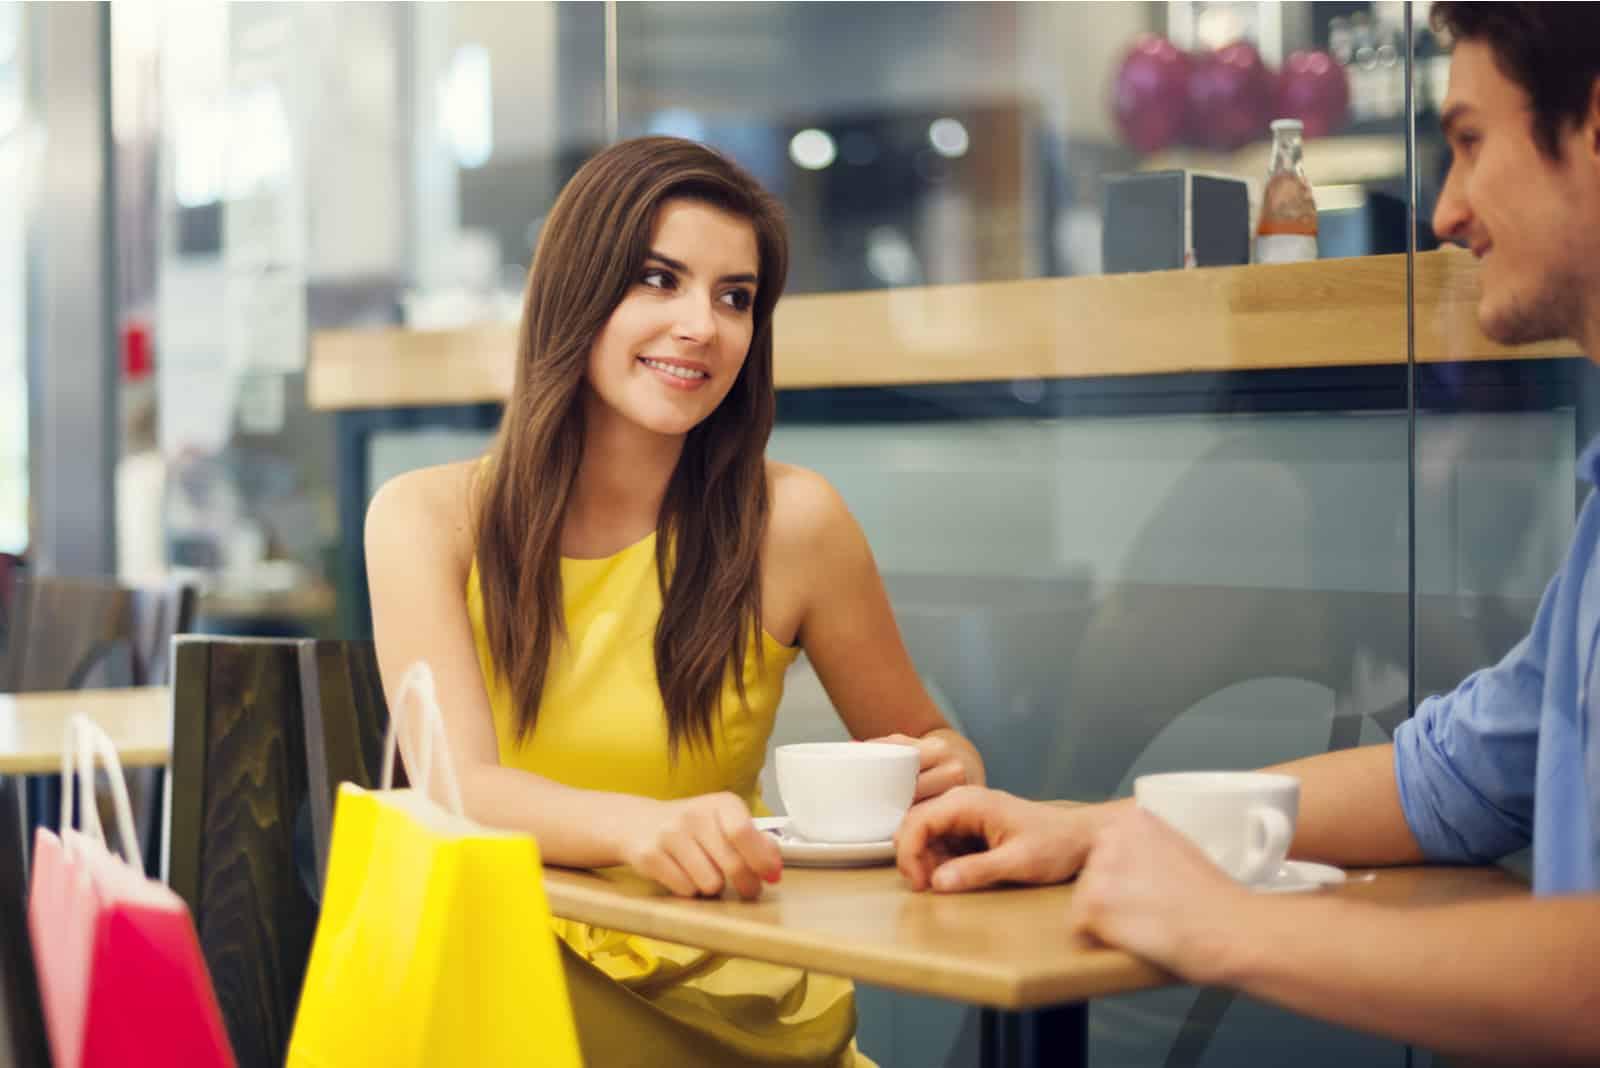 der mann sitzt sich gegenüber und trinkt kaffee